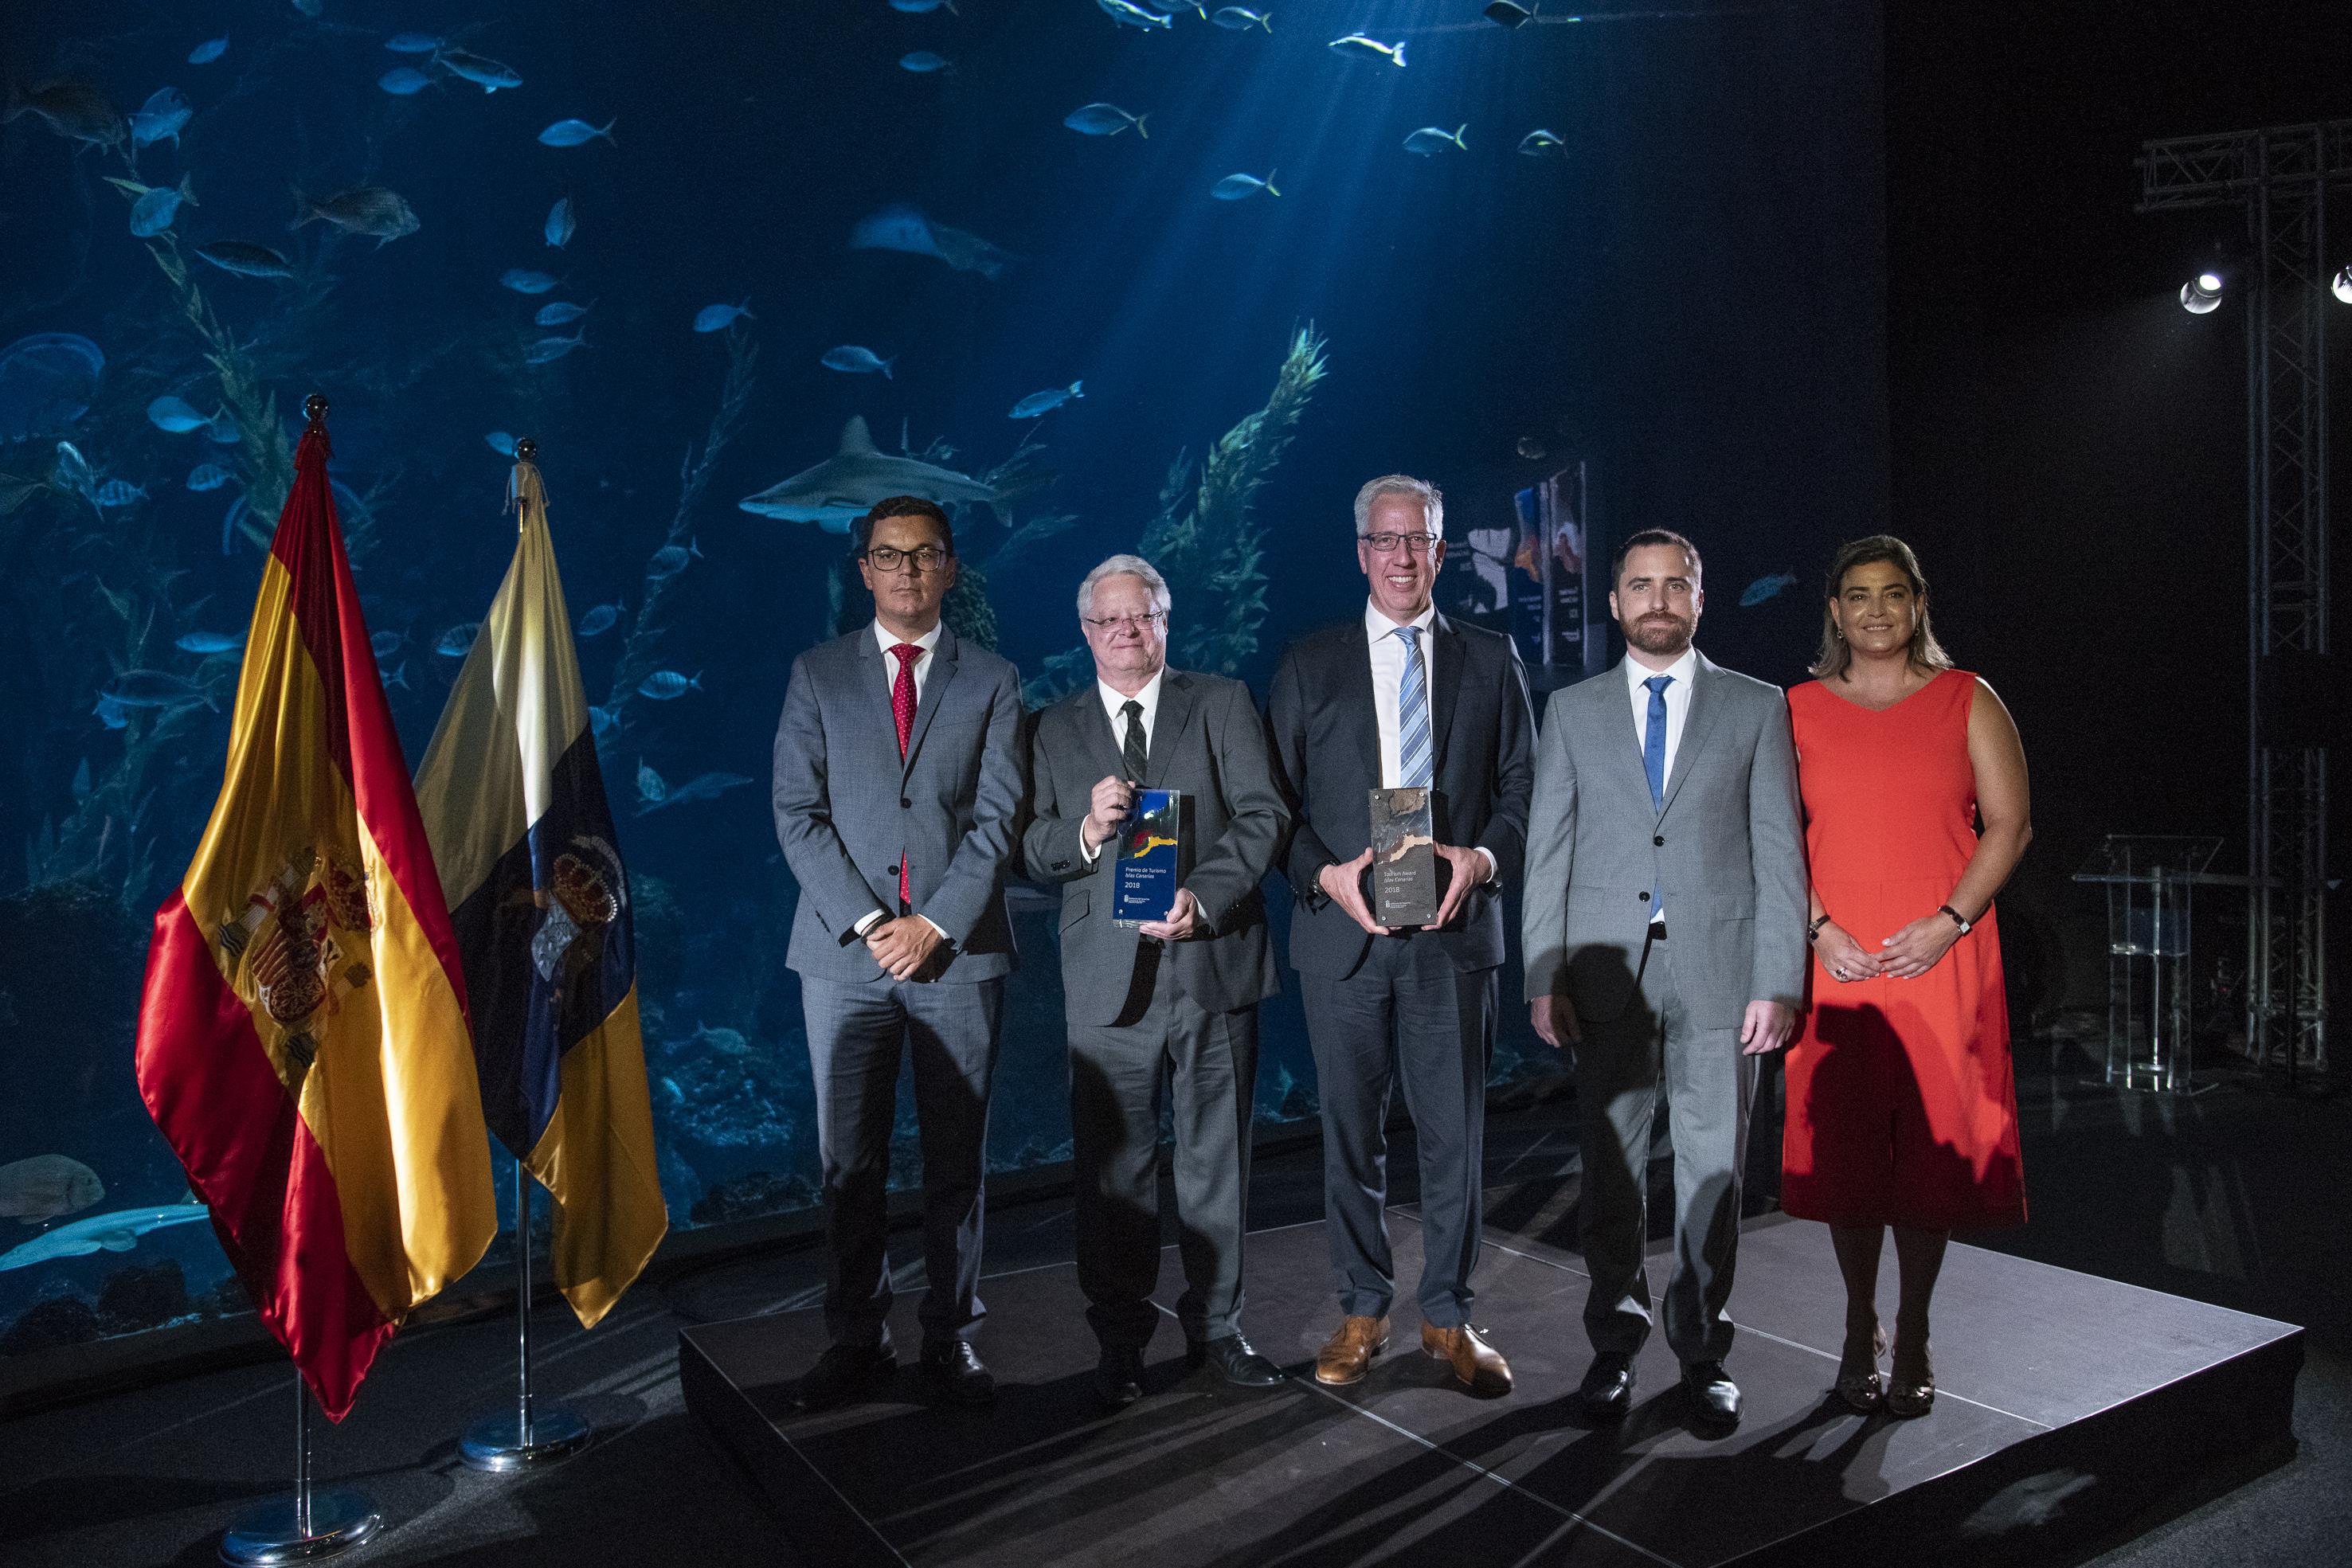 El trofeo de los Premios de Turismo Islas Canarias, finalista de los galardones Canarias de Diseño 2019